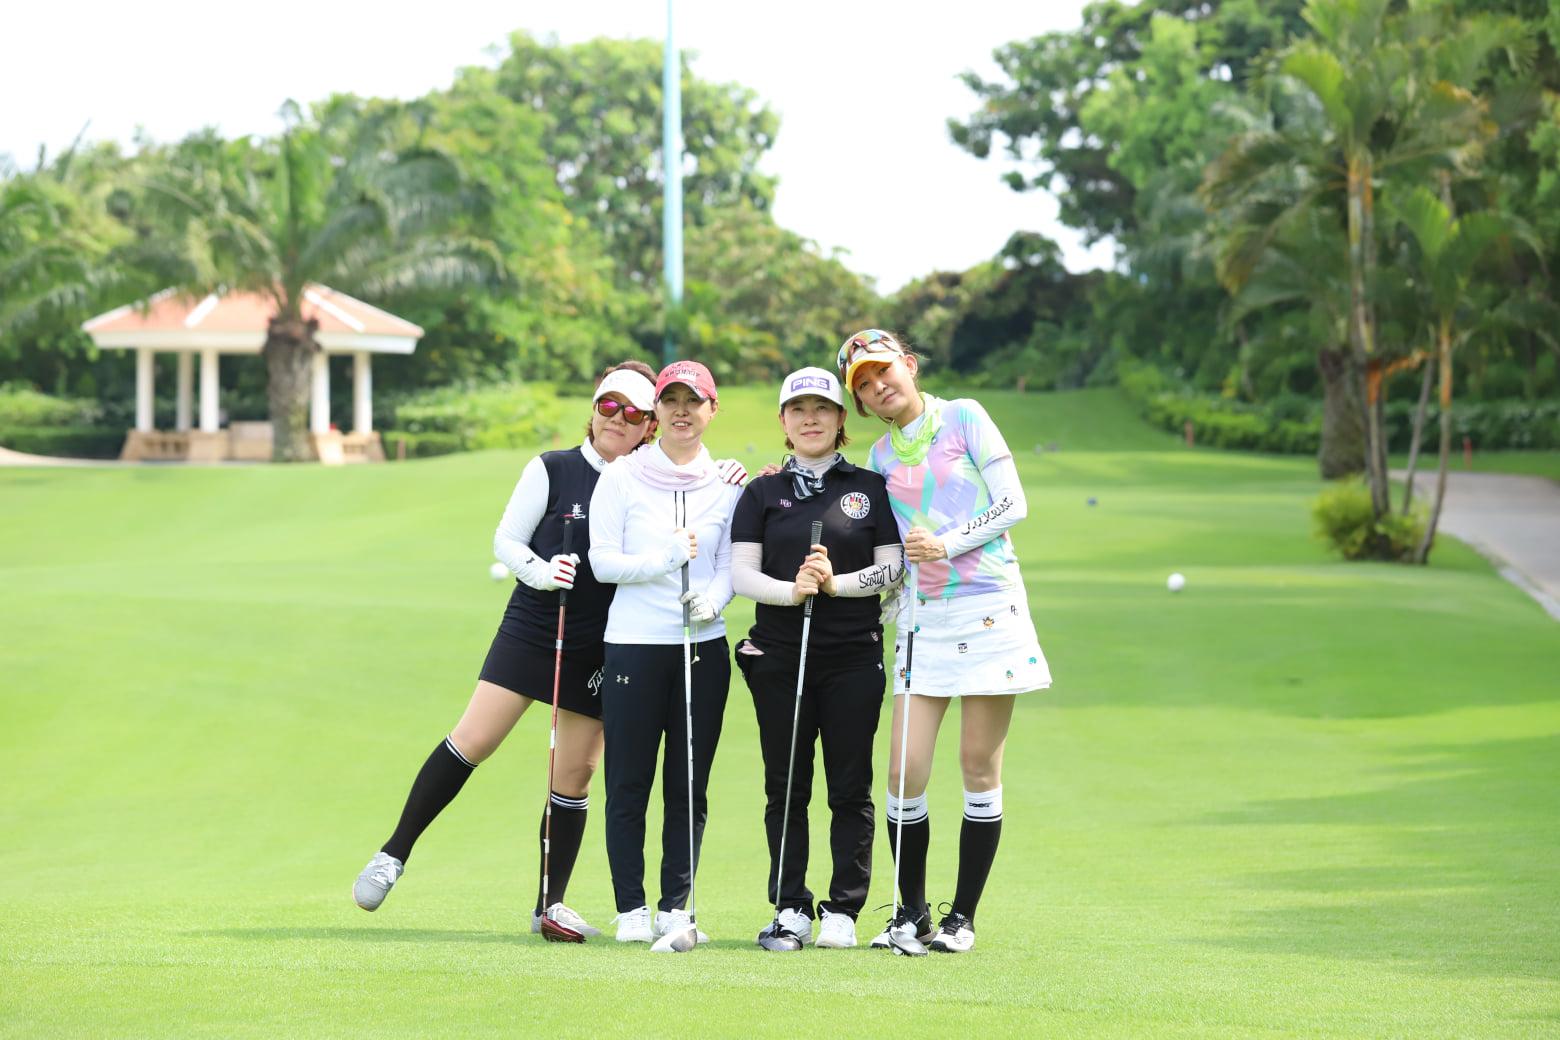 Sân golf Tân Sơn Nhất có mức giá vừa phải. Hình: Sưu tầm